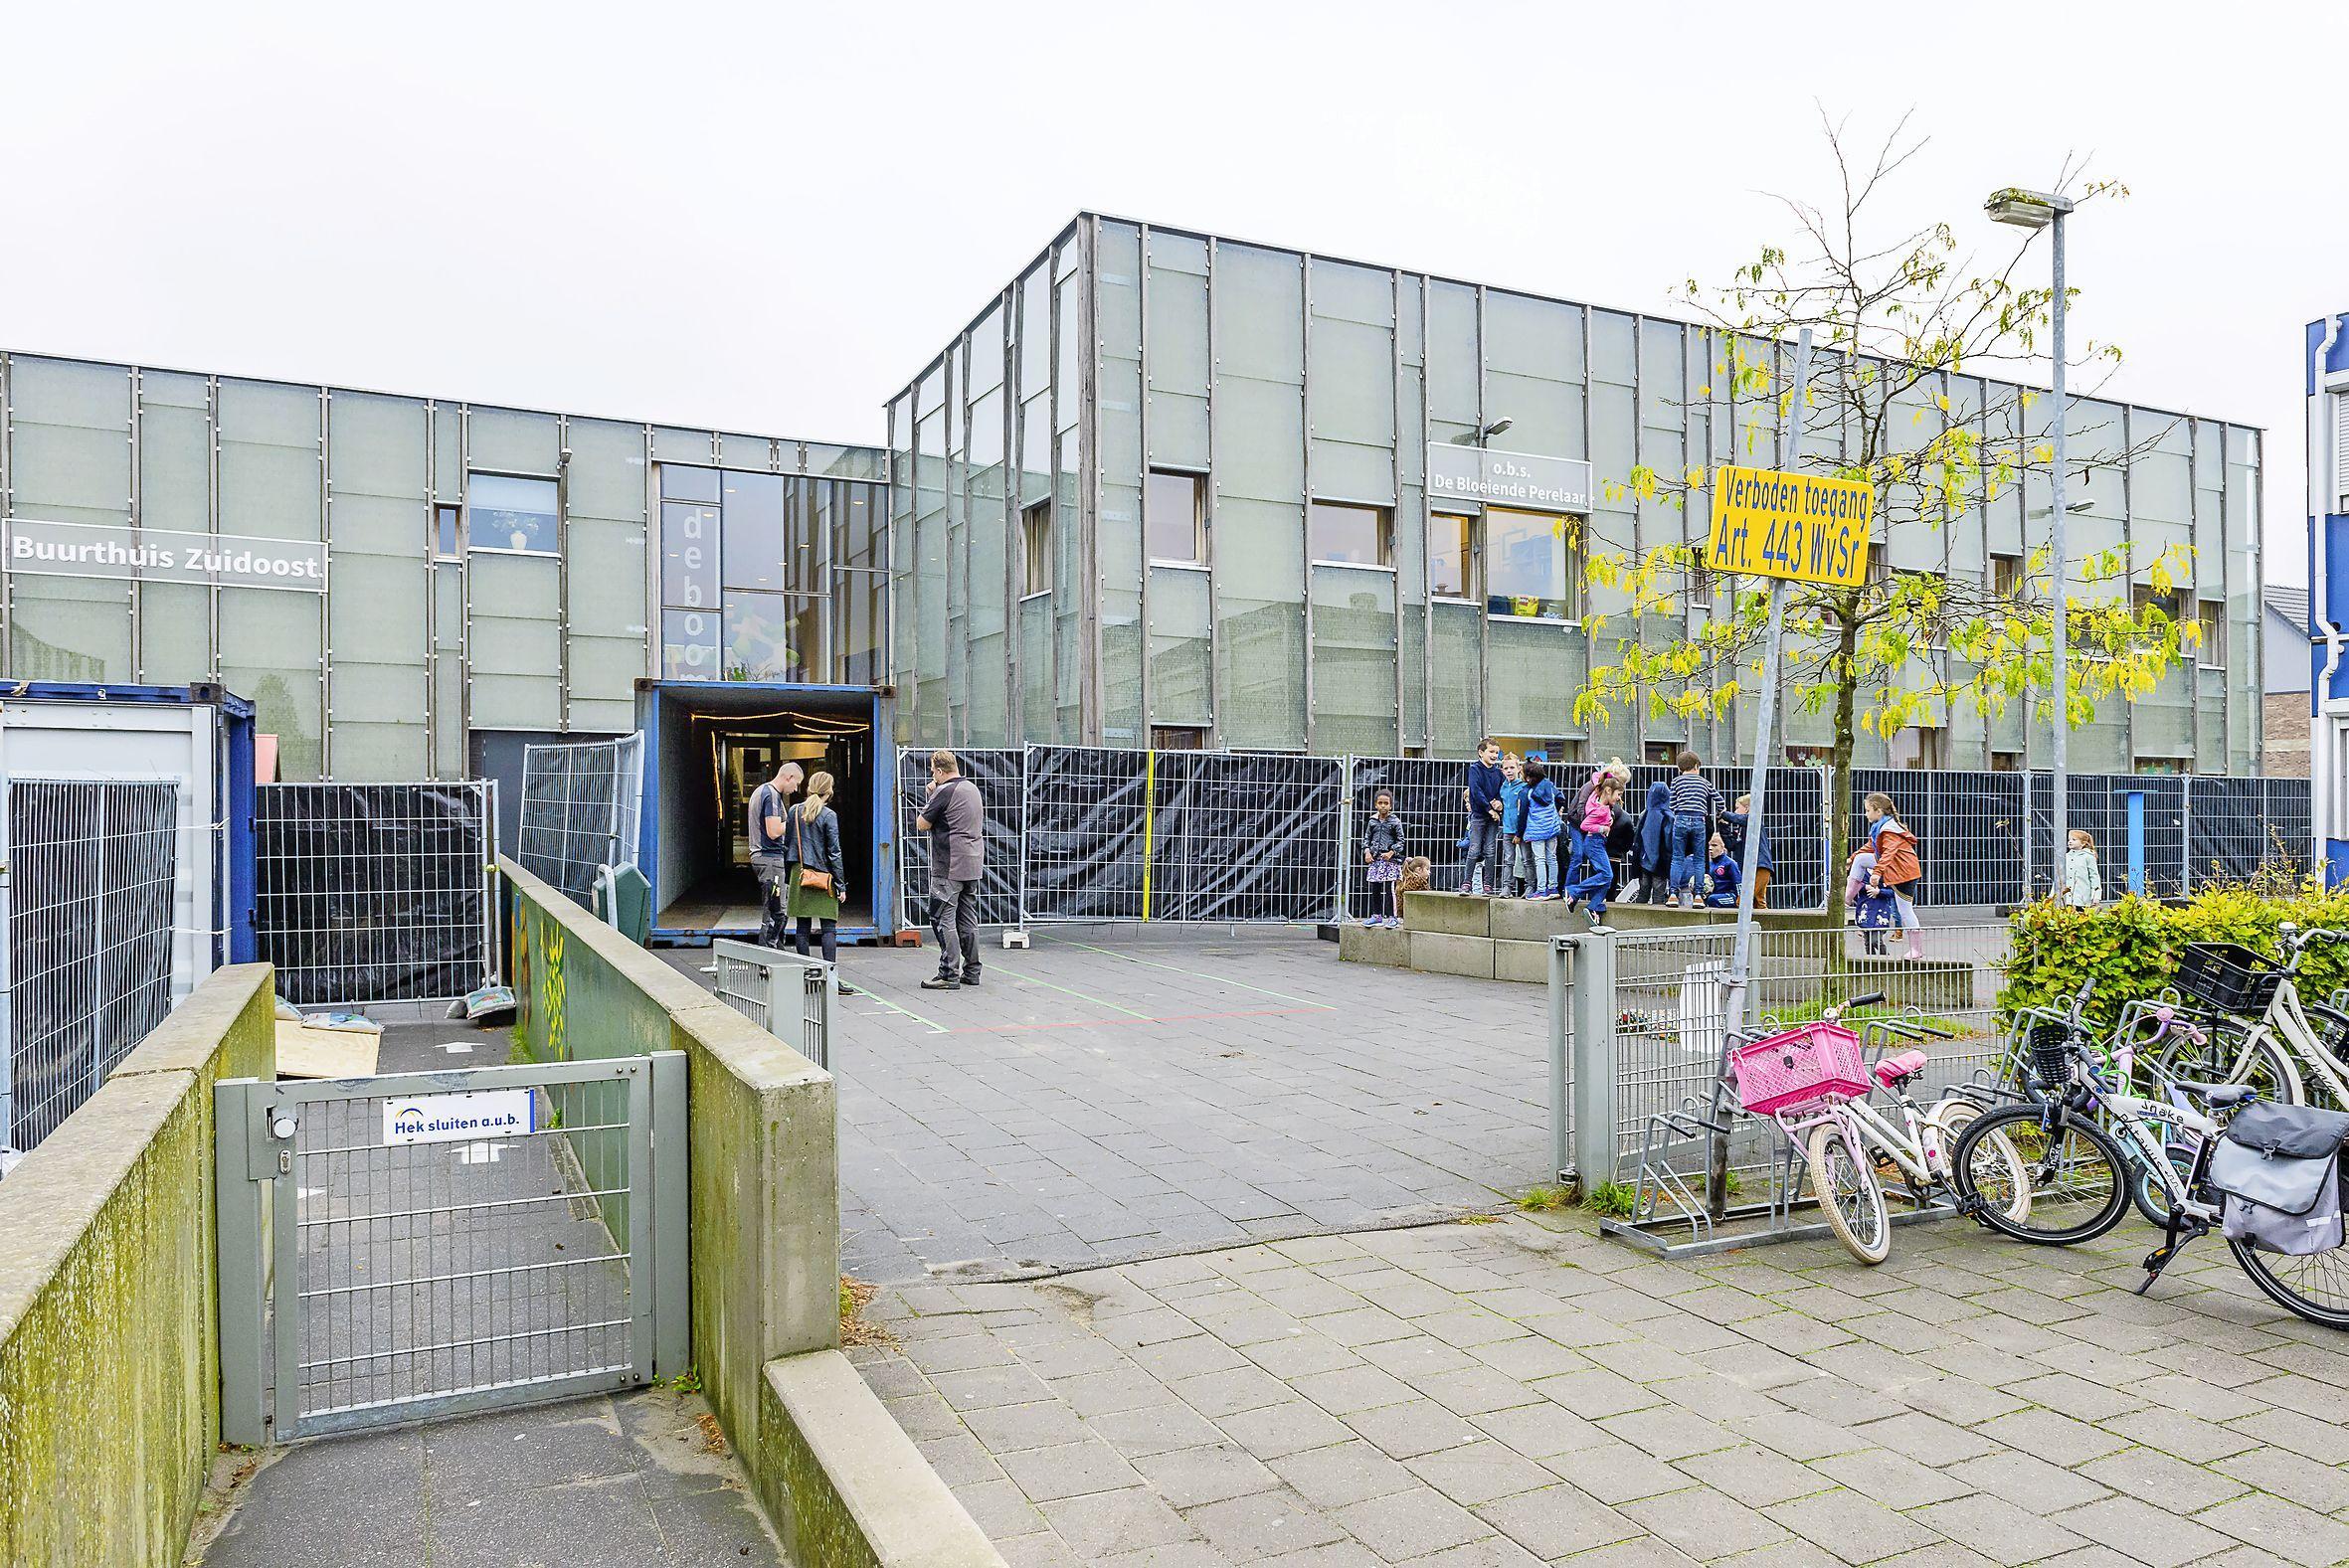 Herstellen van gevel De Boomgaard in Zuidoostbeemster kost 775.000 euro: nieuwe platen op gevel en muurtje vervangen